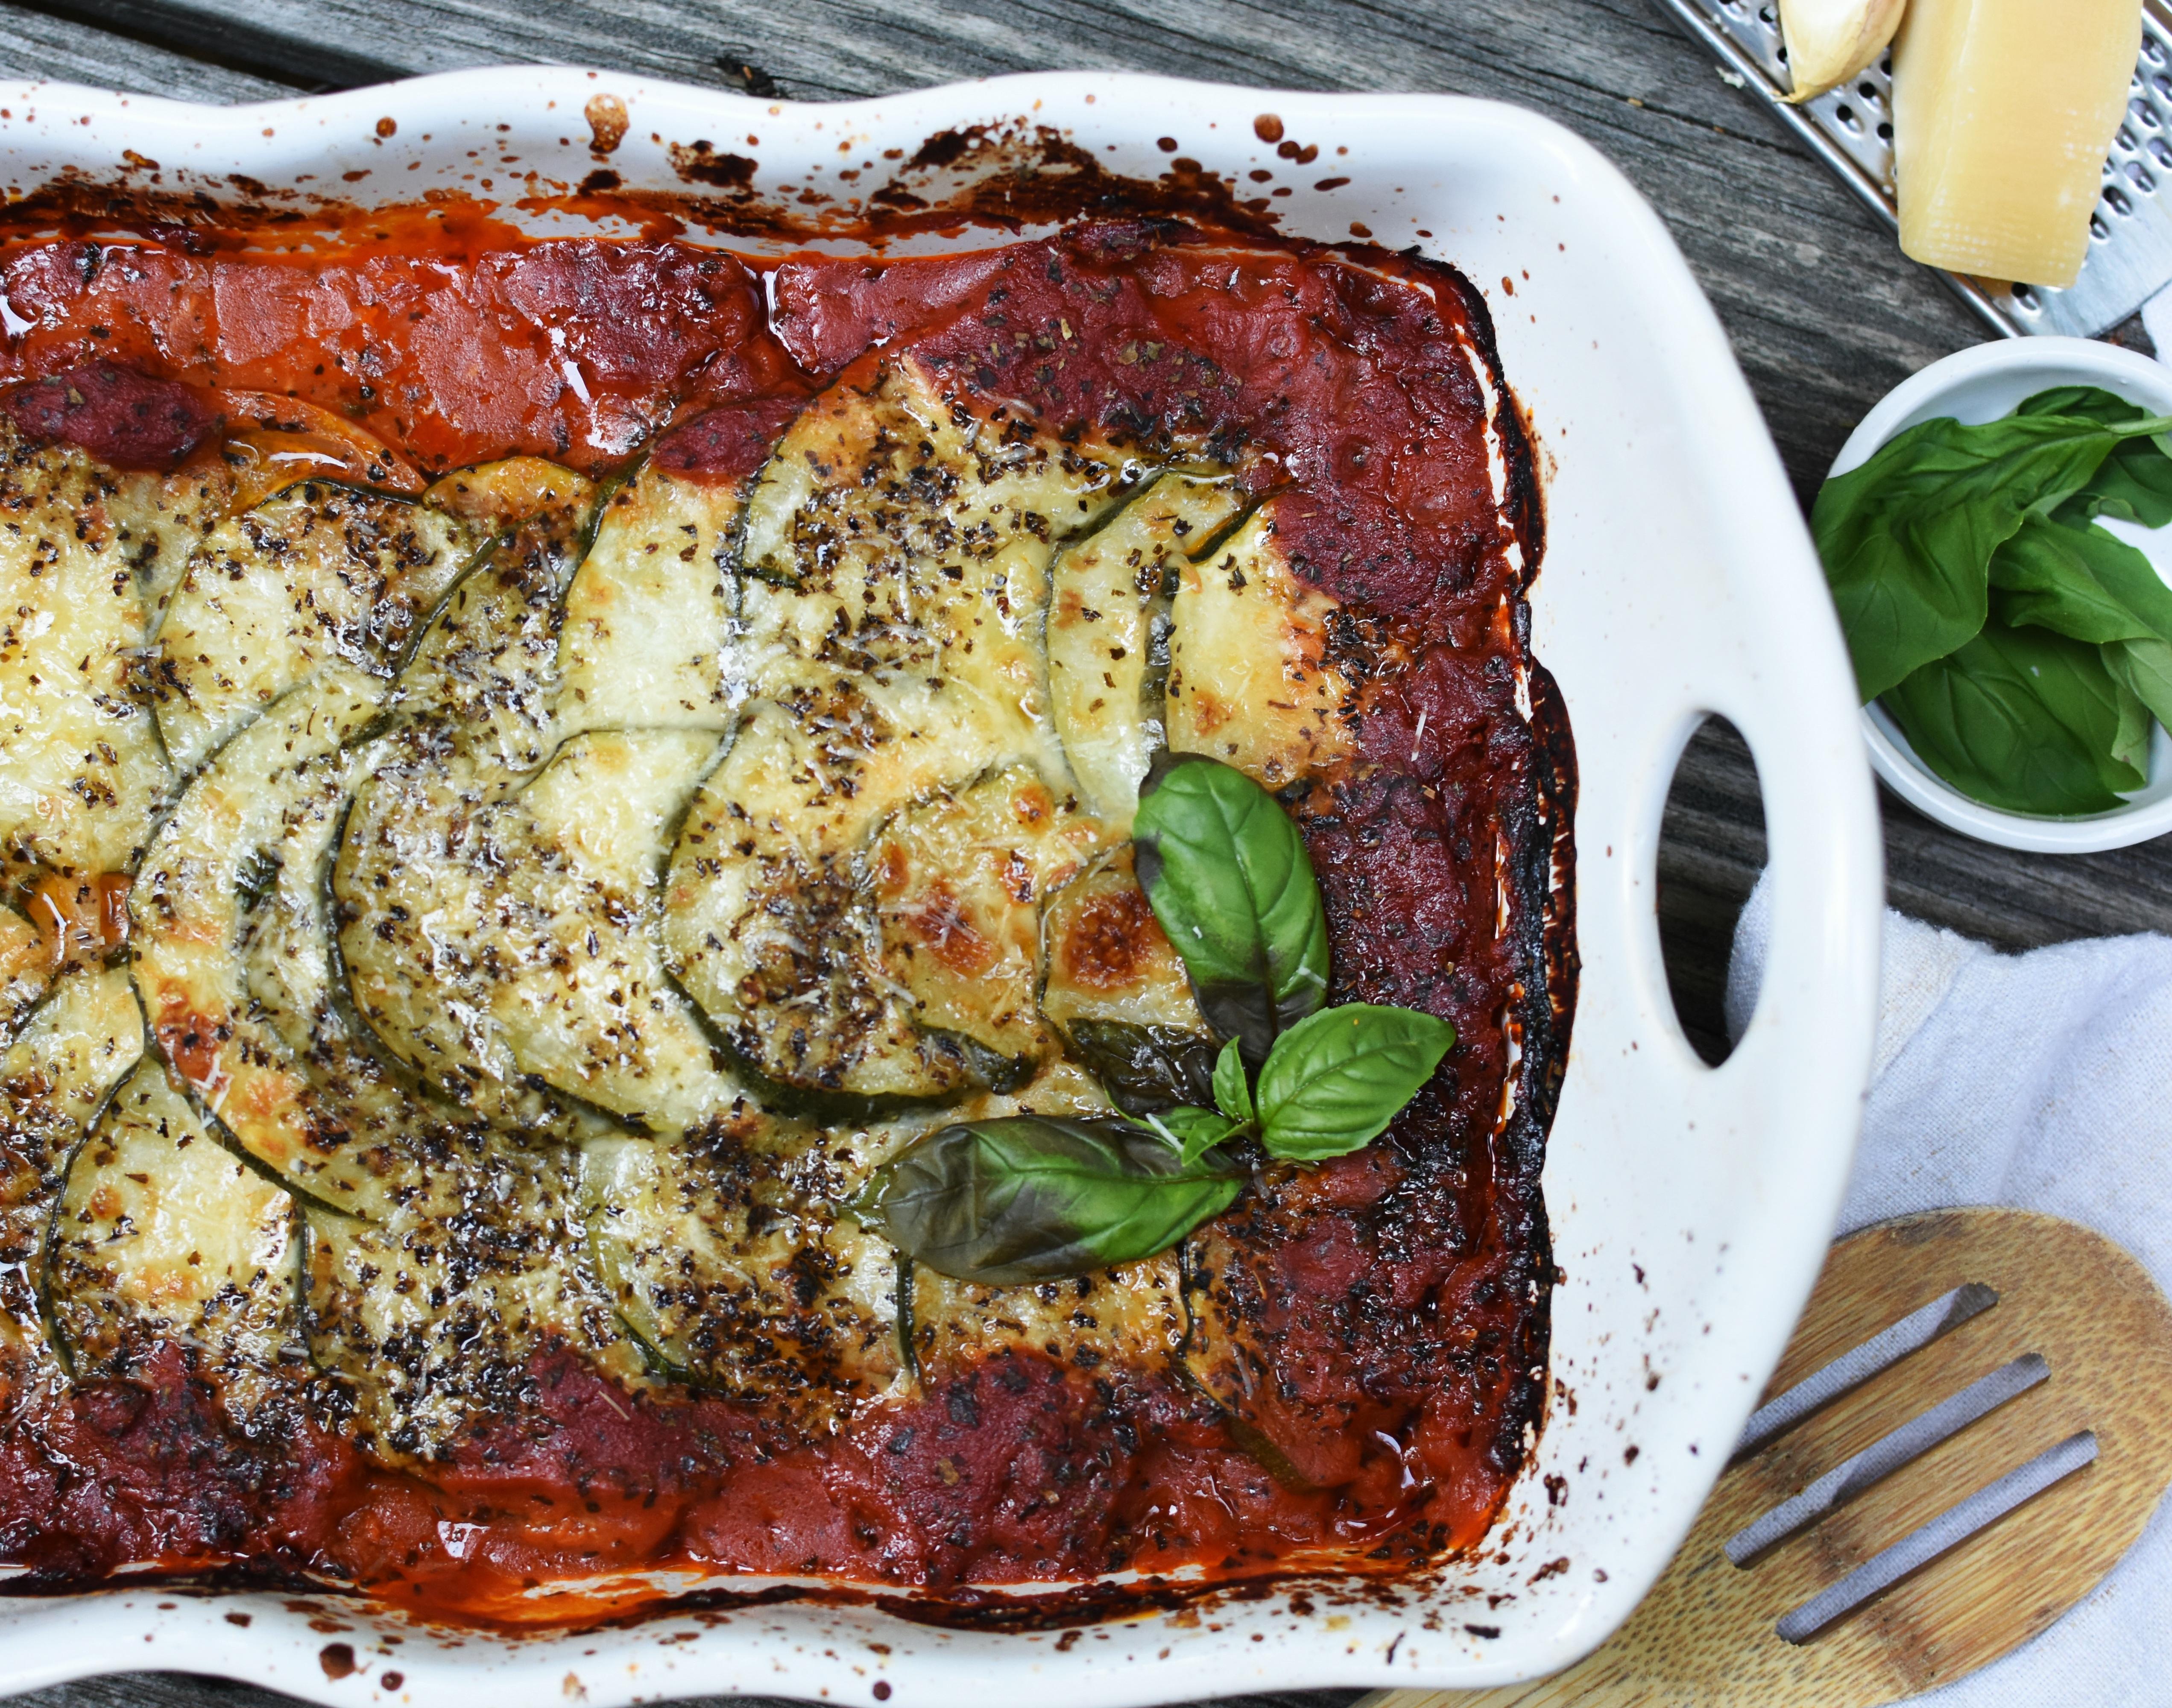 Italian Zucchini Casserole